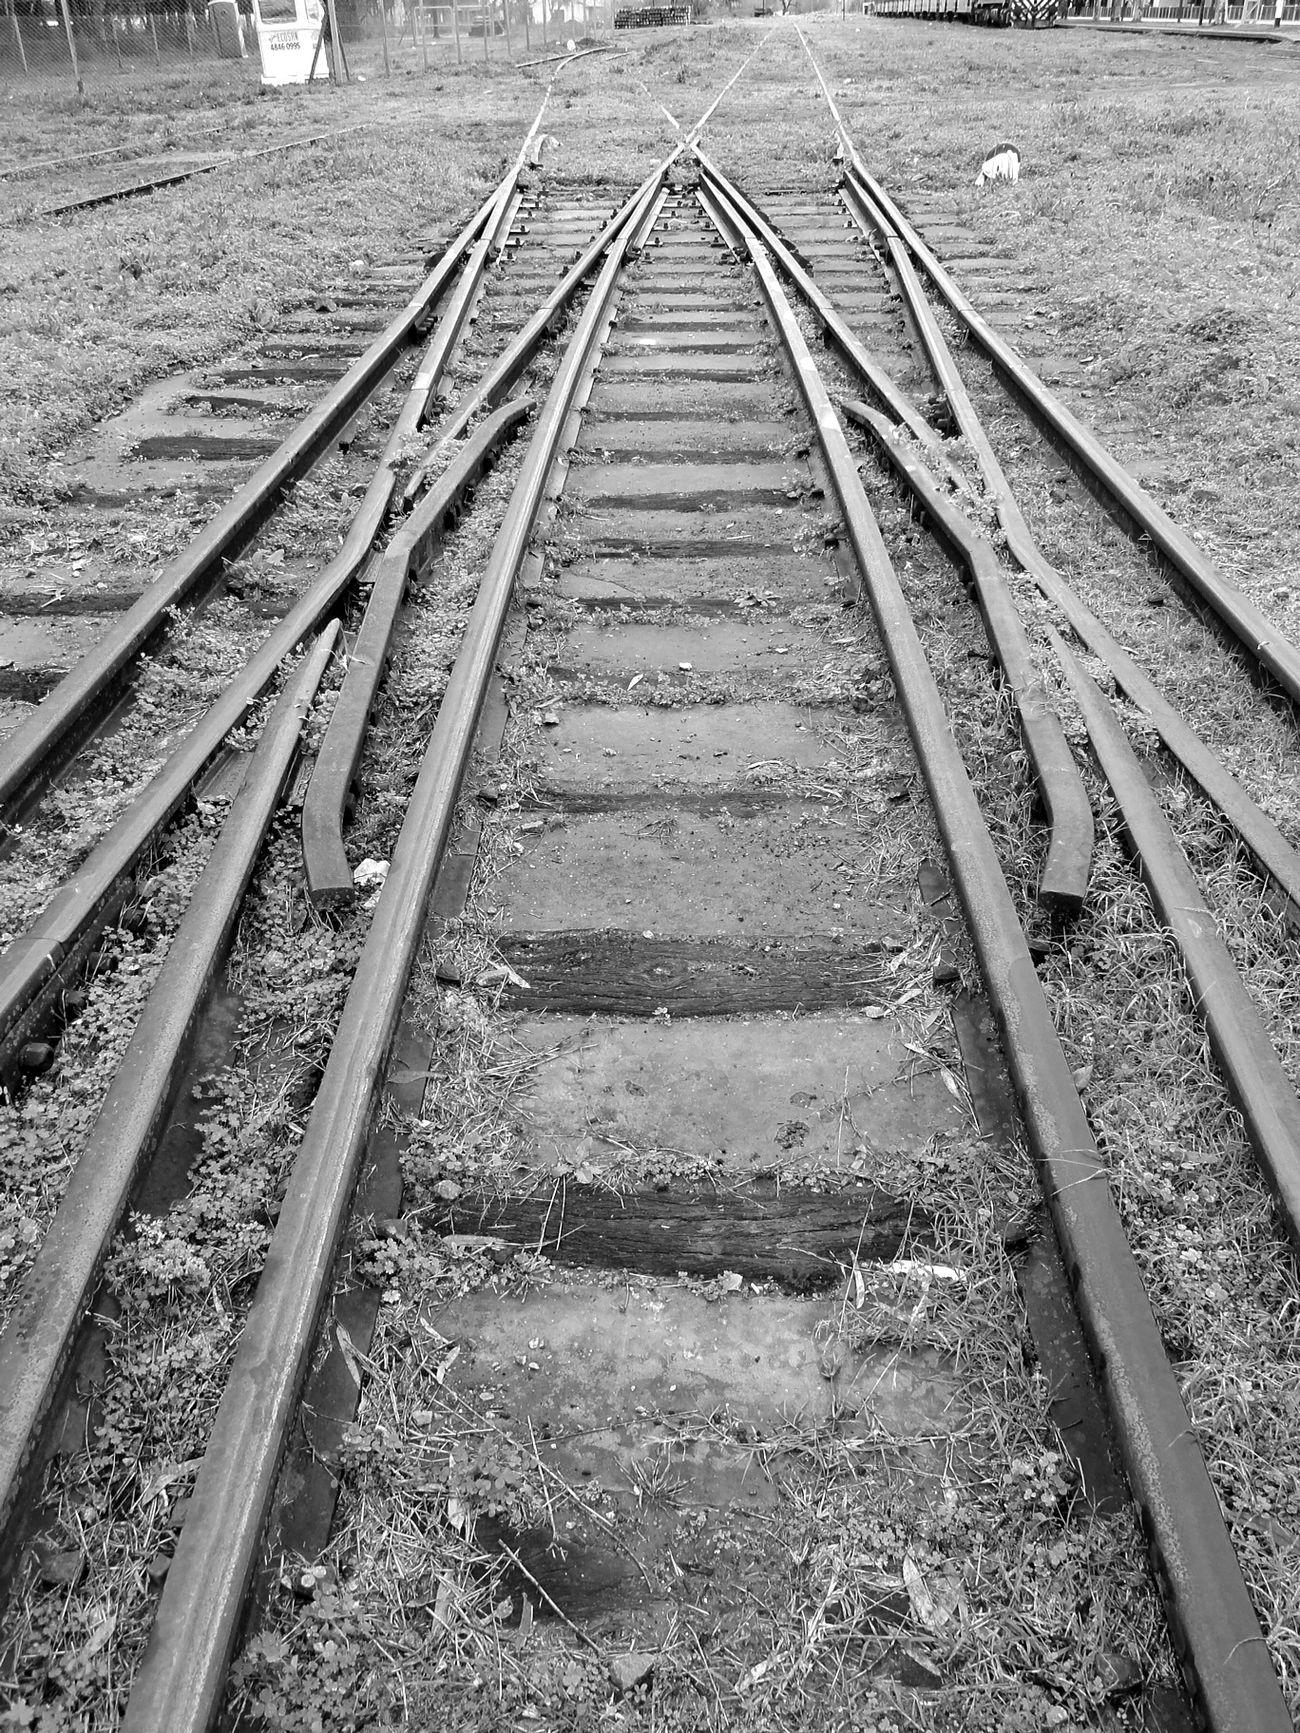 Taking Photos Simetry Train Rails Bnw_friday_eyeemchallenge Blackandwhite Blsckandwhite Blackandwhite Photography